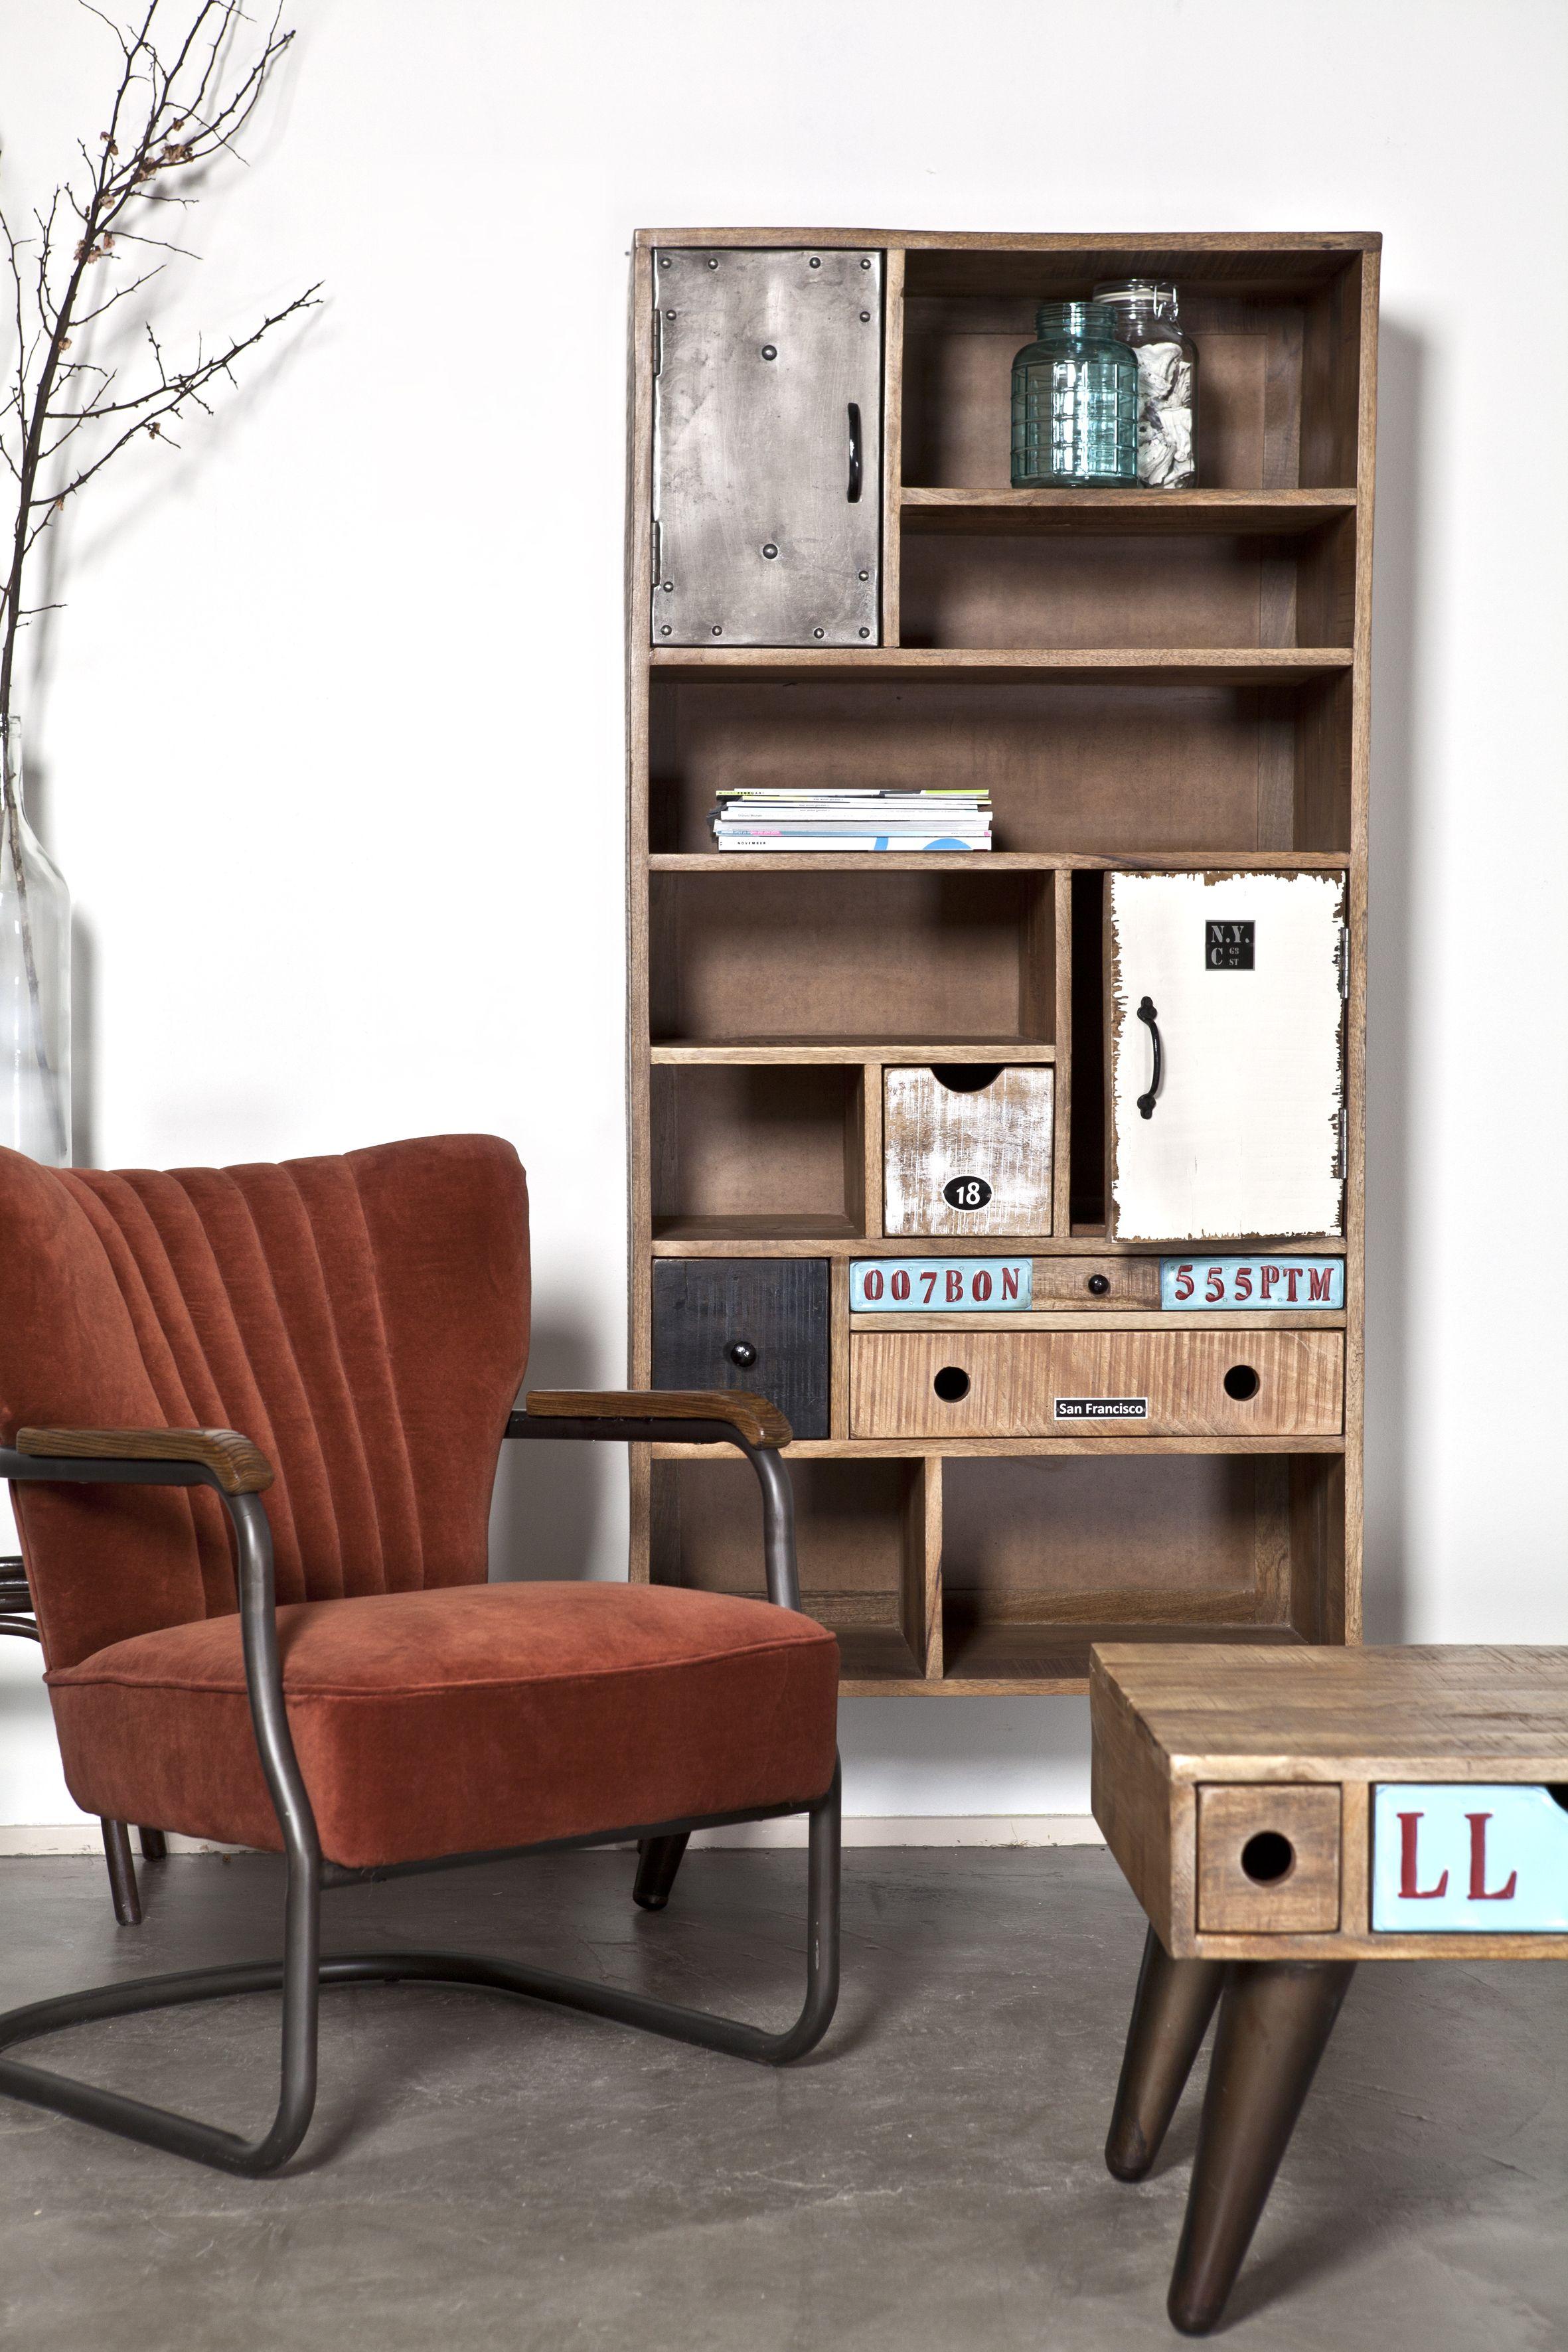 Wohnzimmer Industriedesign Barhocker Im Industrial Stil Aus Metall